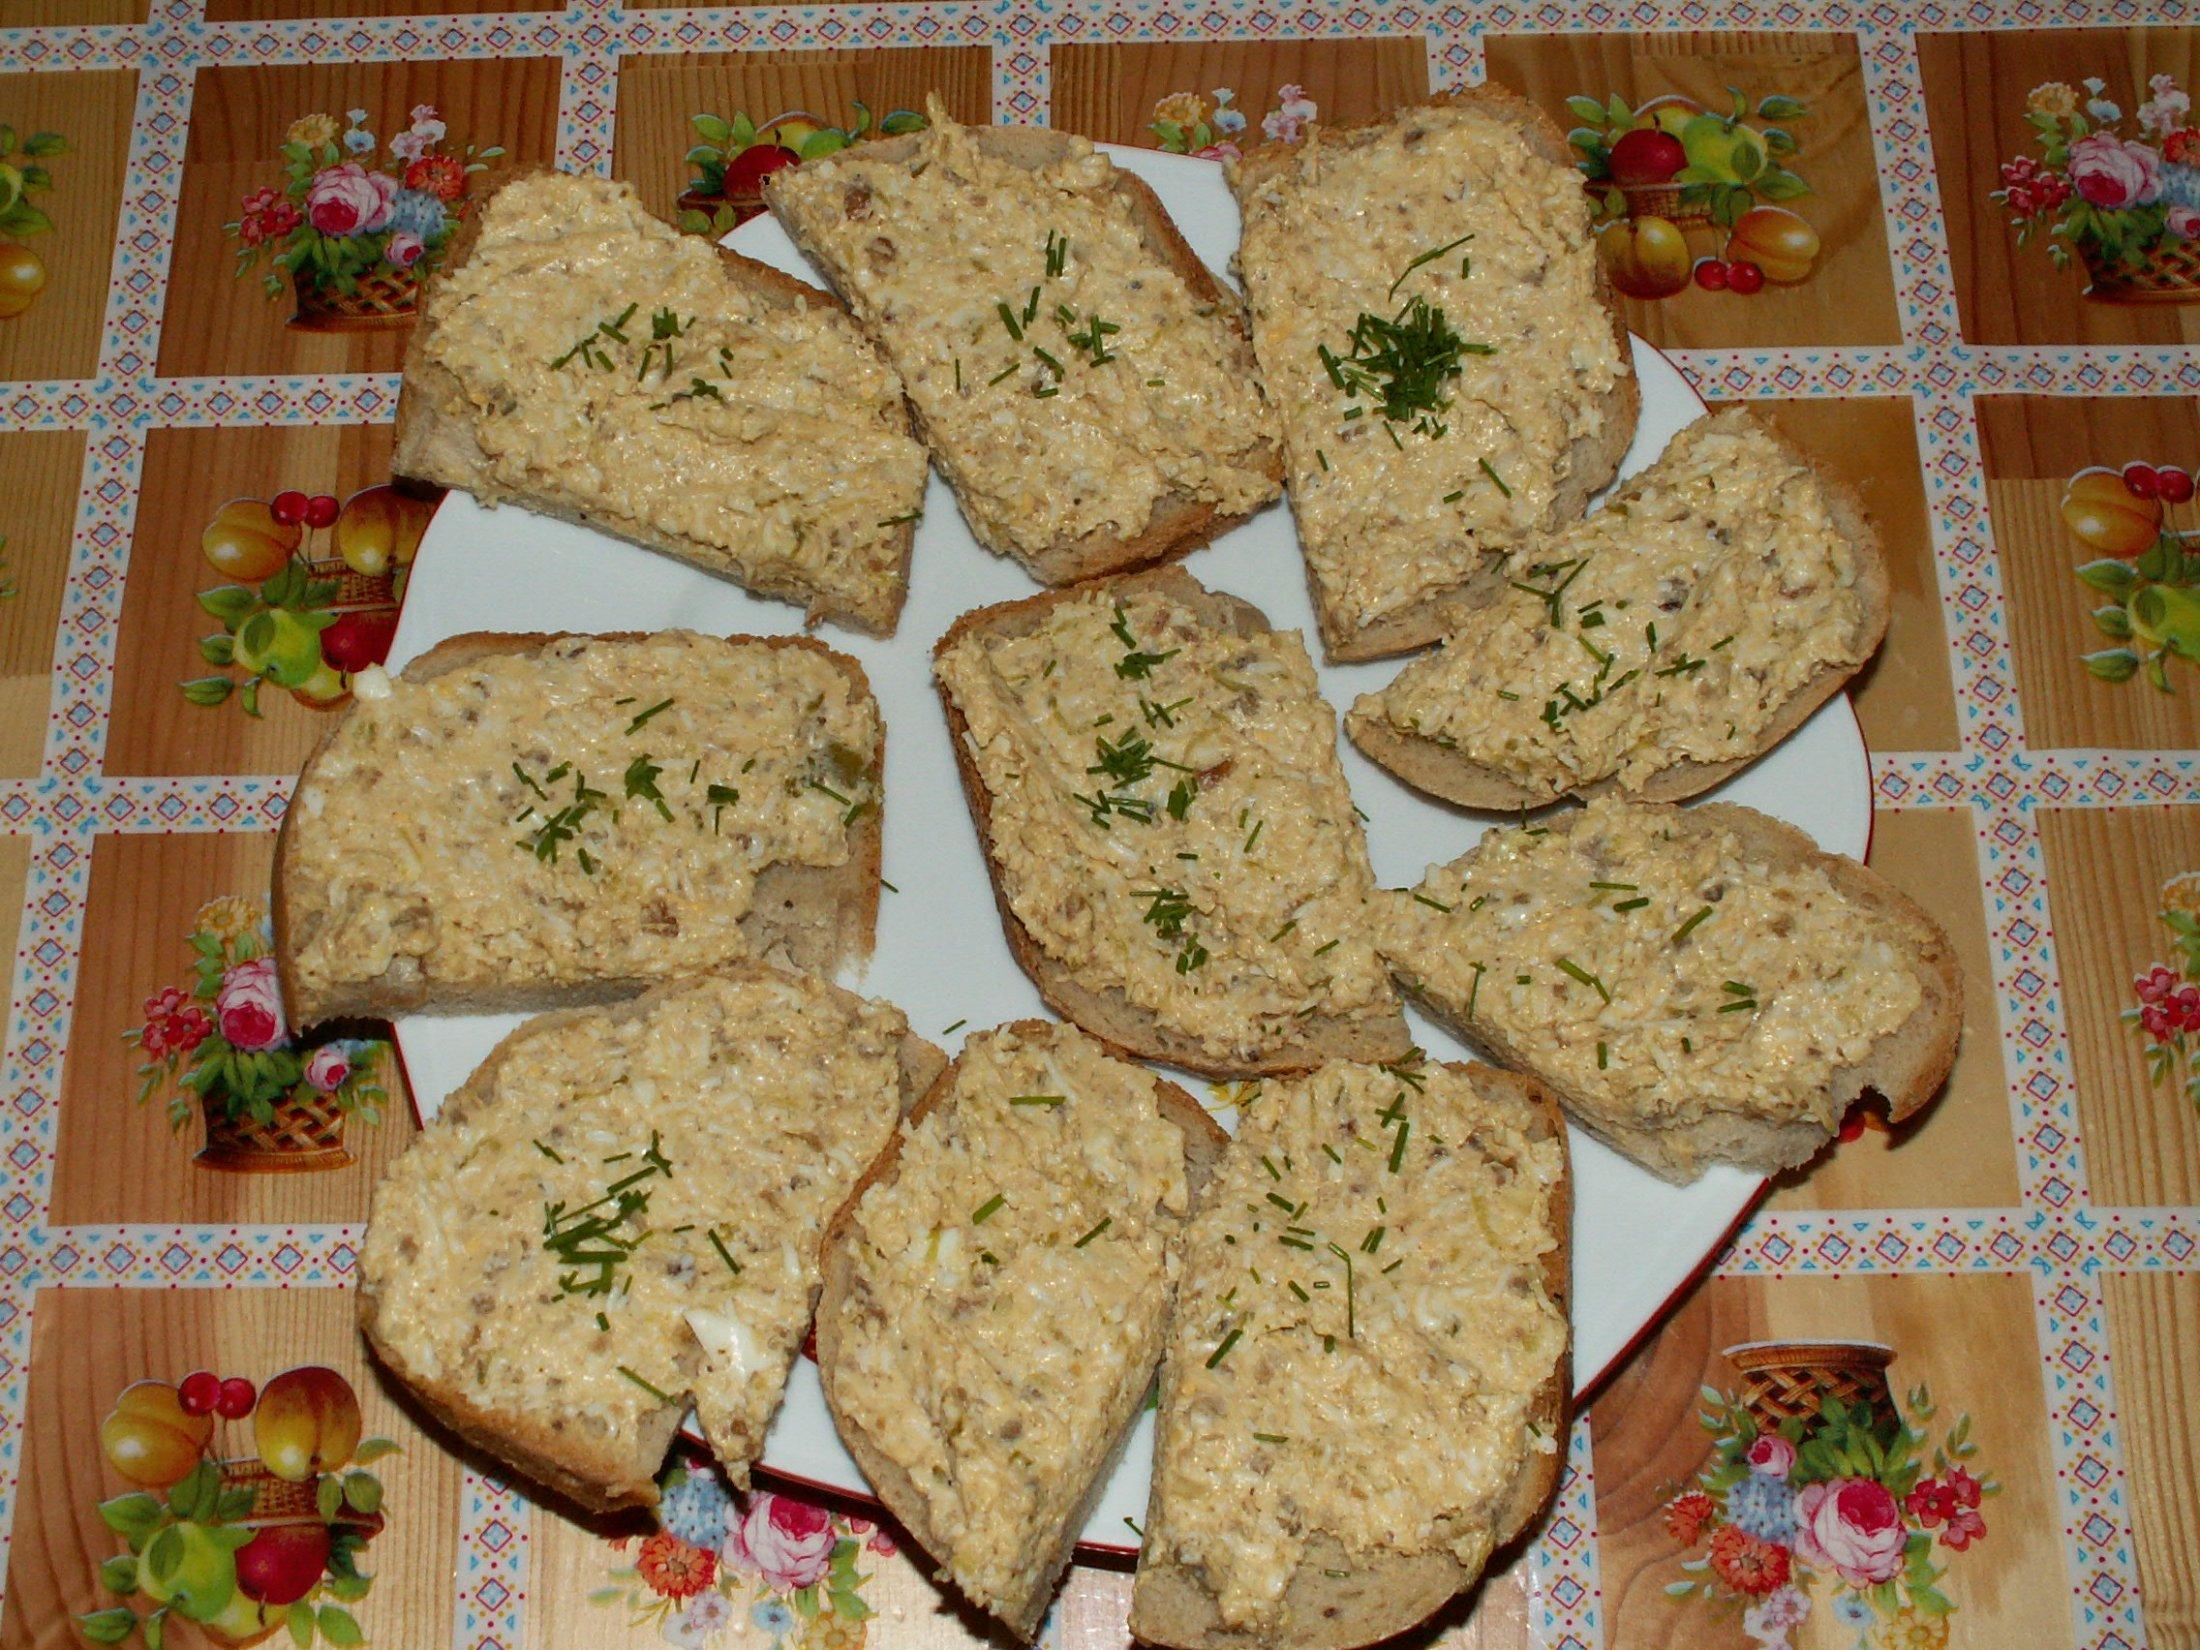 Recept Škvarková pomazánka - Pomazánka na plátkách chleba. Dozdobeno čerstvou pažitkou.